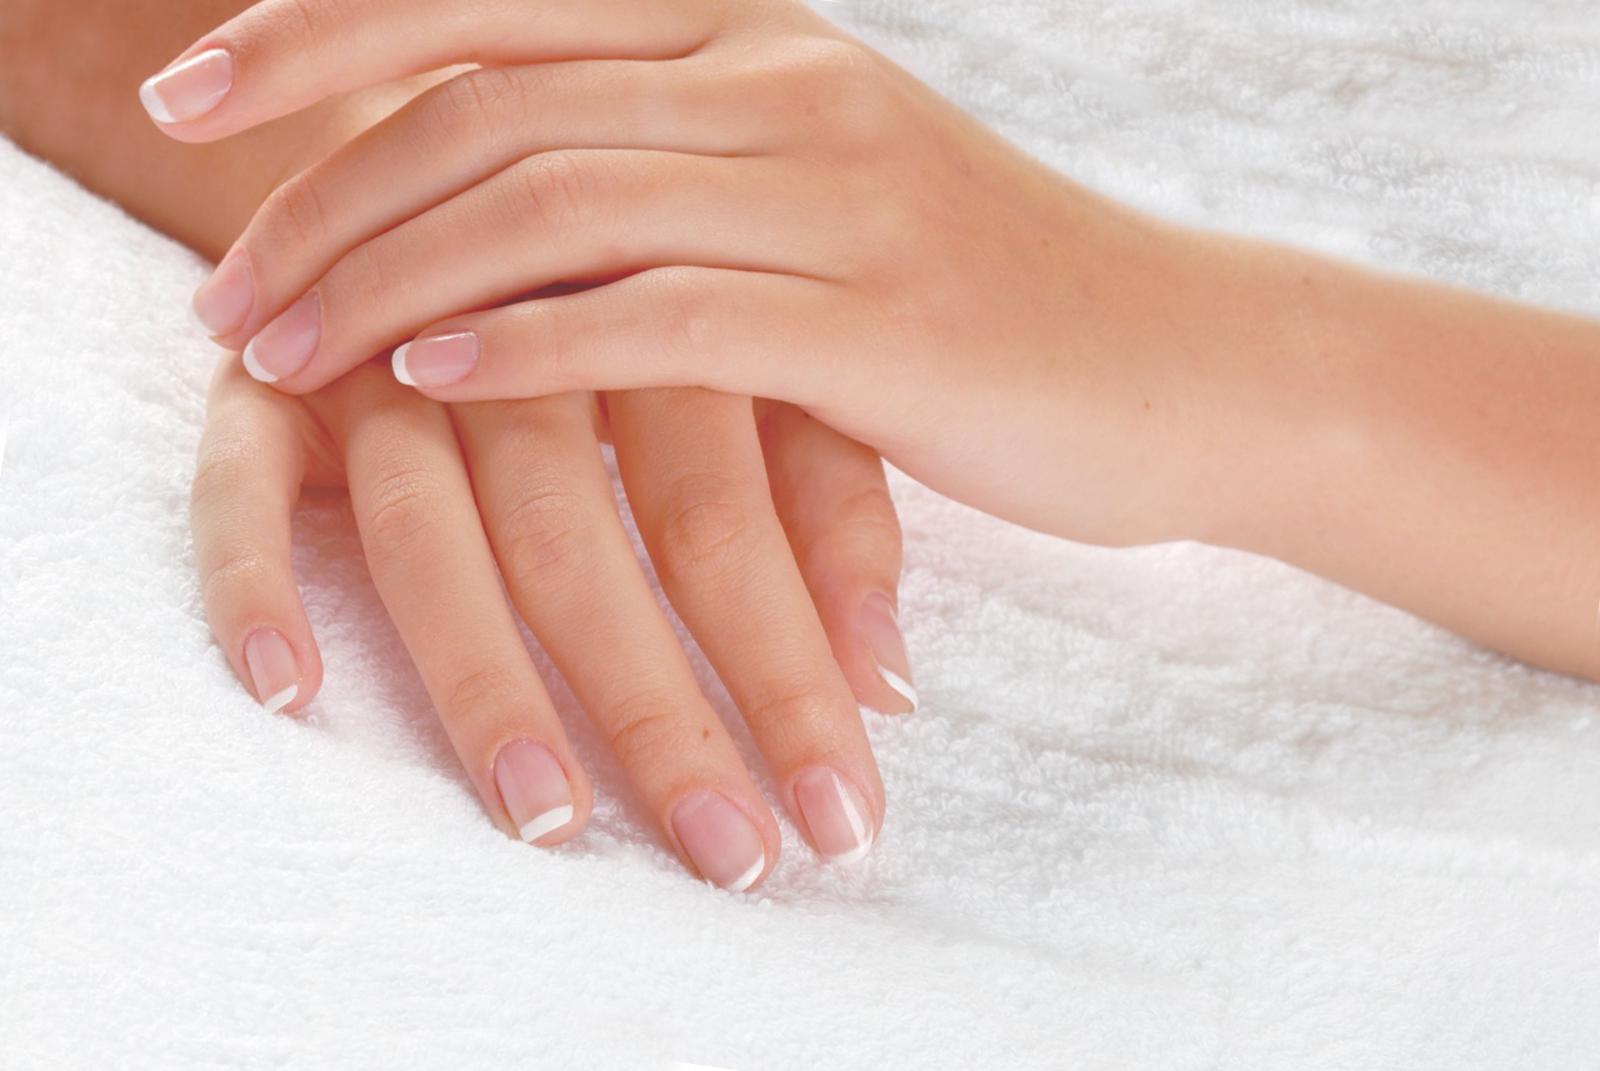 Справляемся с расслоением ногтей